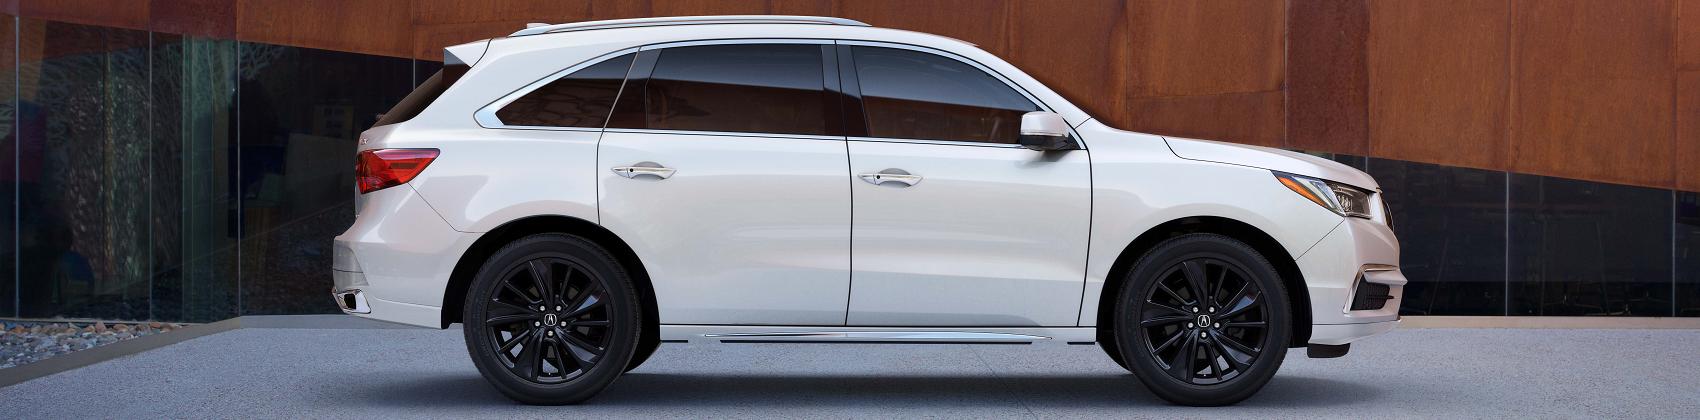 2019 Acura MDX Inventory